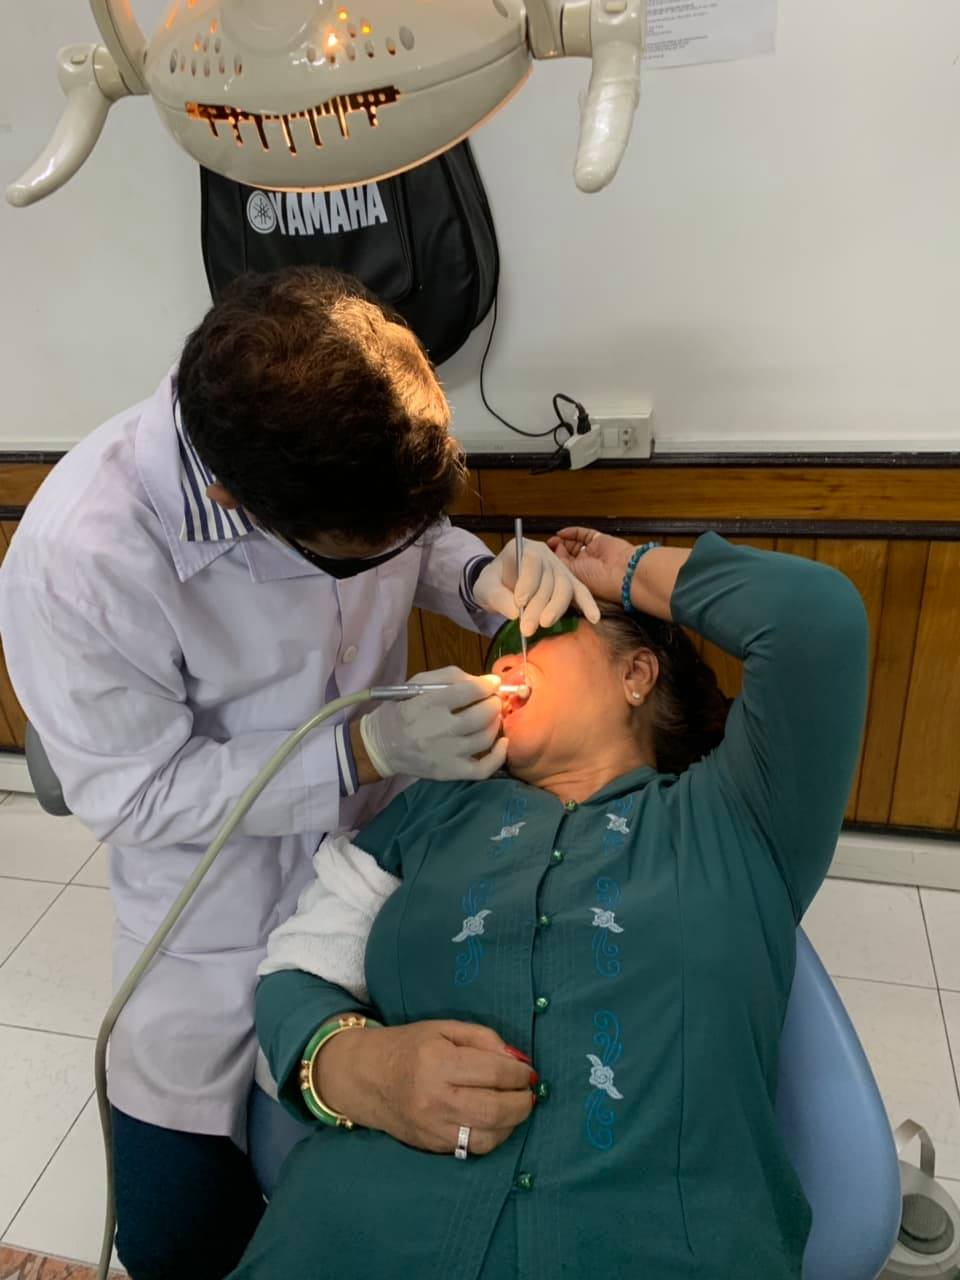 YS. Kiều Âu thực hiện kỹ thuật chăm sóc răng cho bệnh nhân